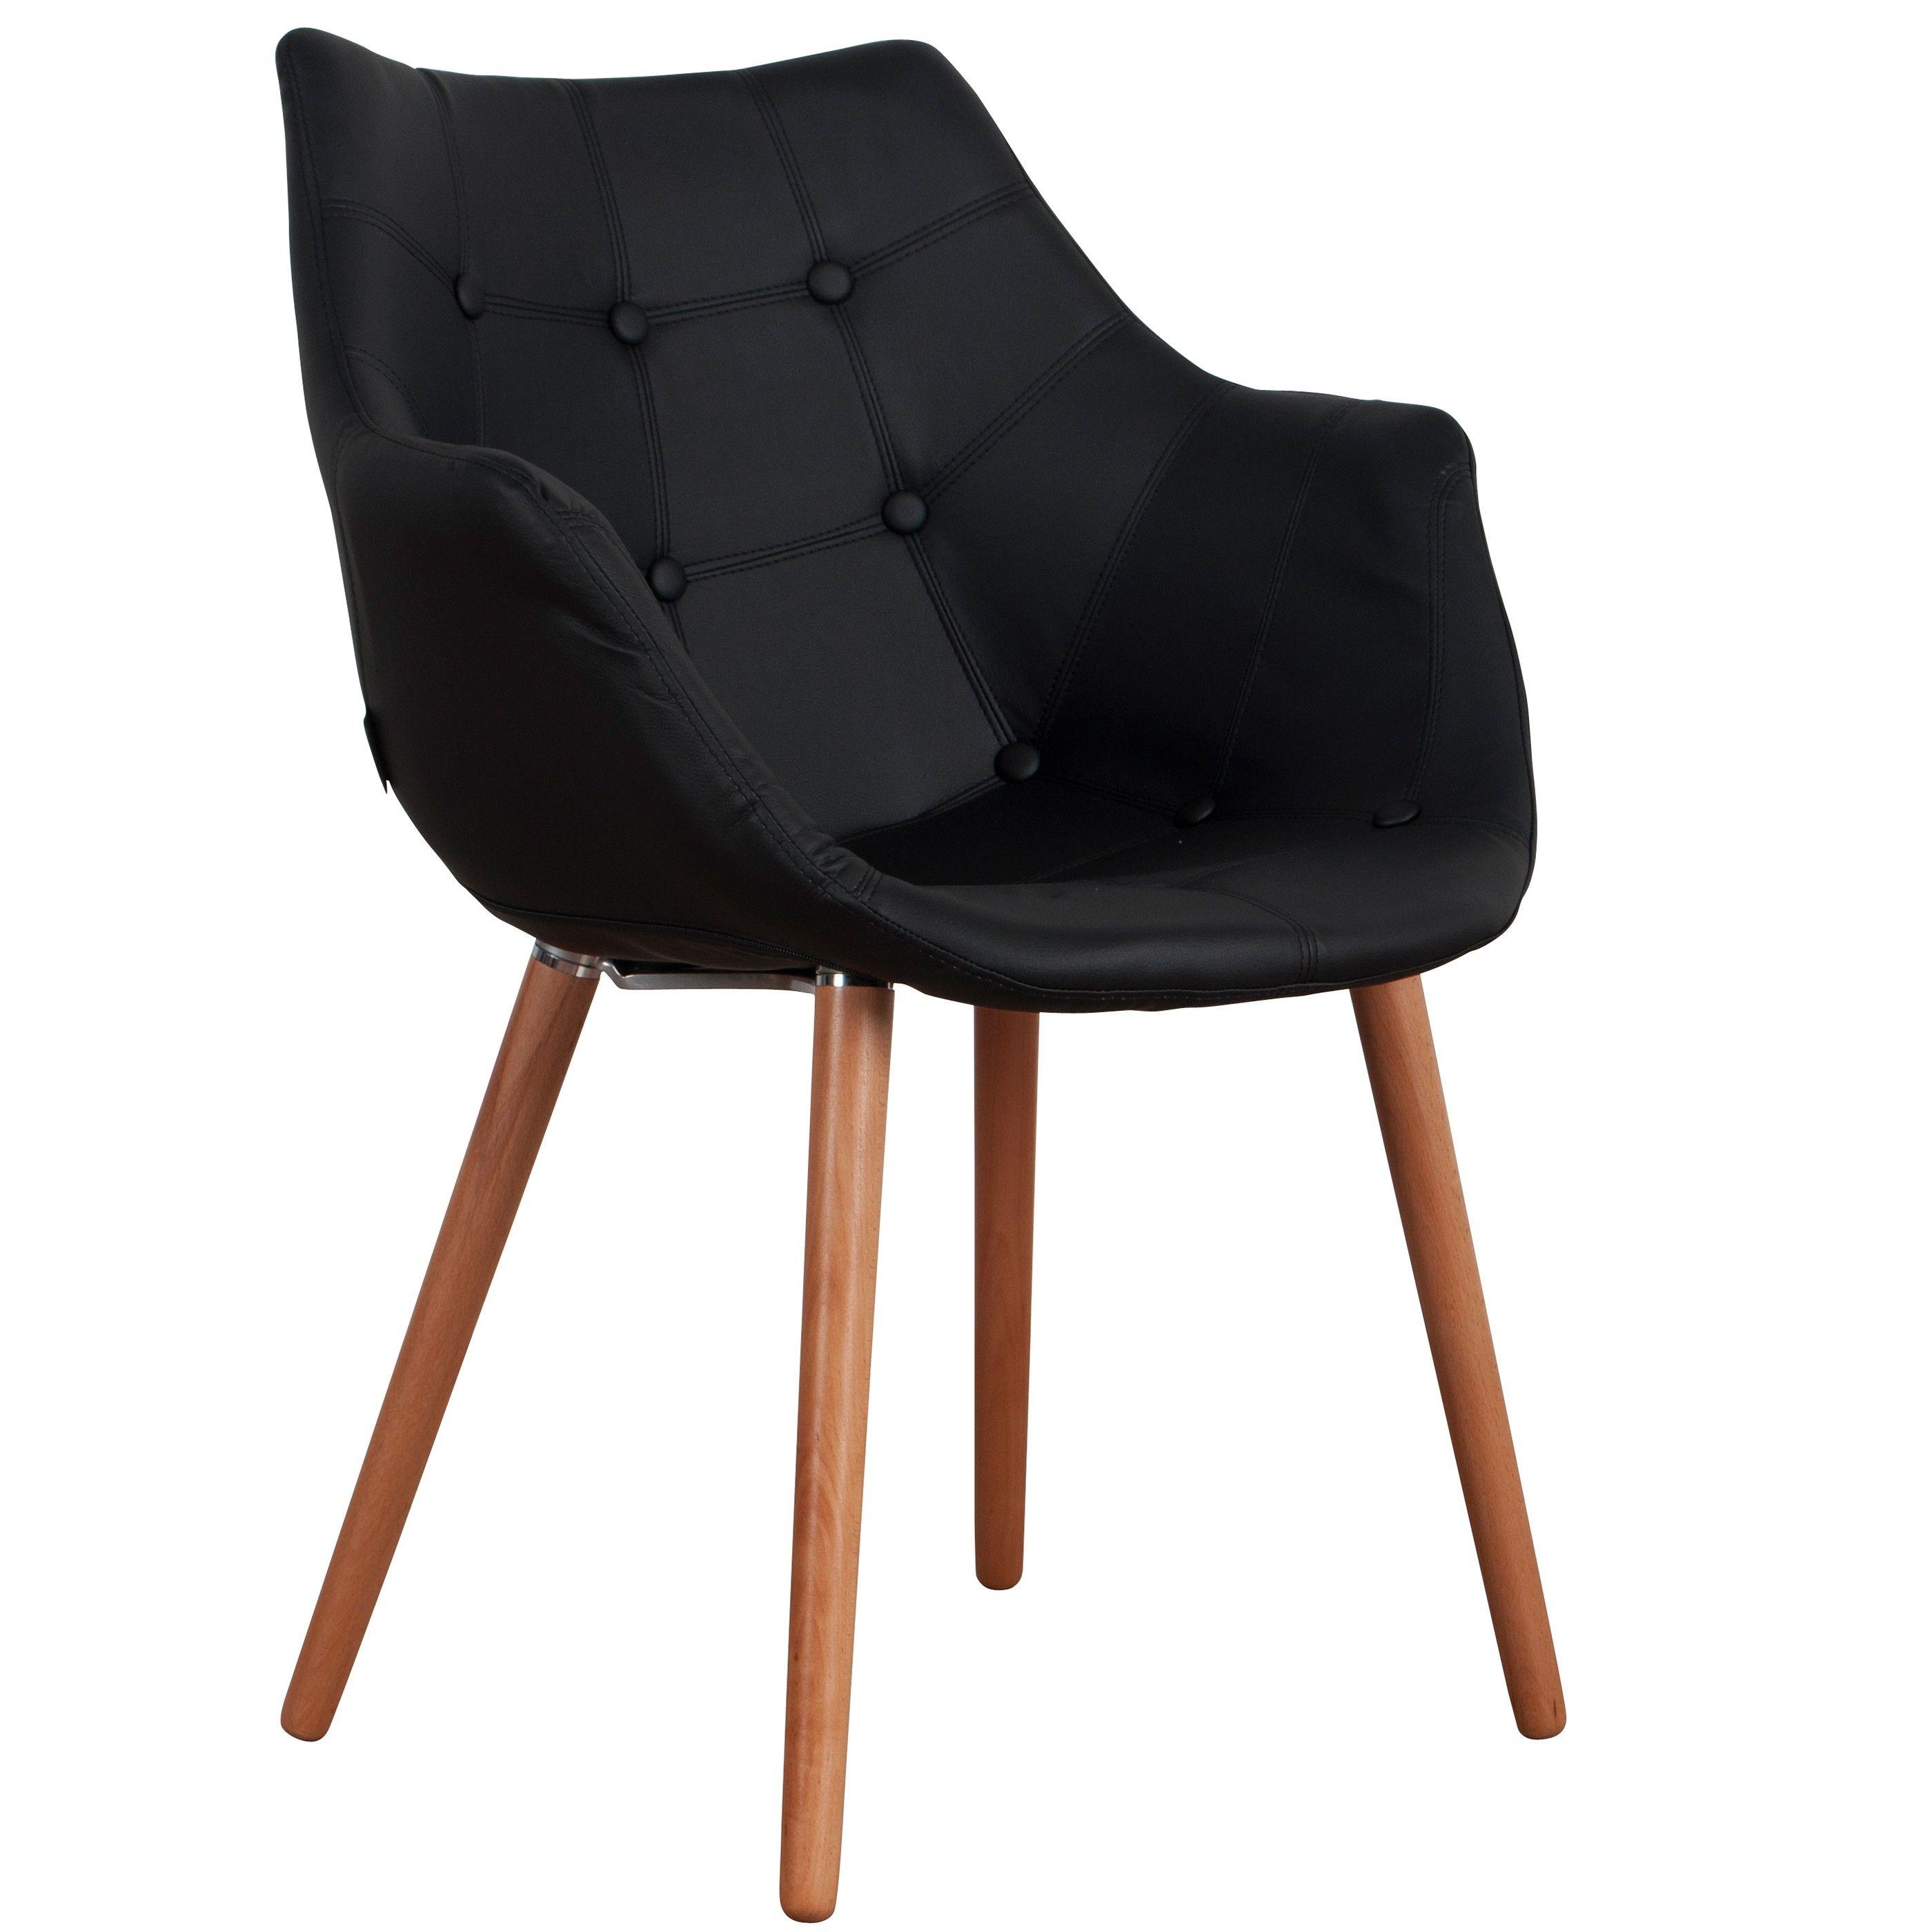 Zuiver Eleven stoel   FLINDERS verzendt gratis